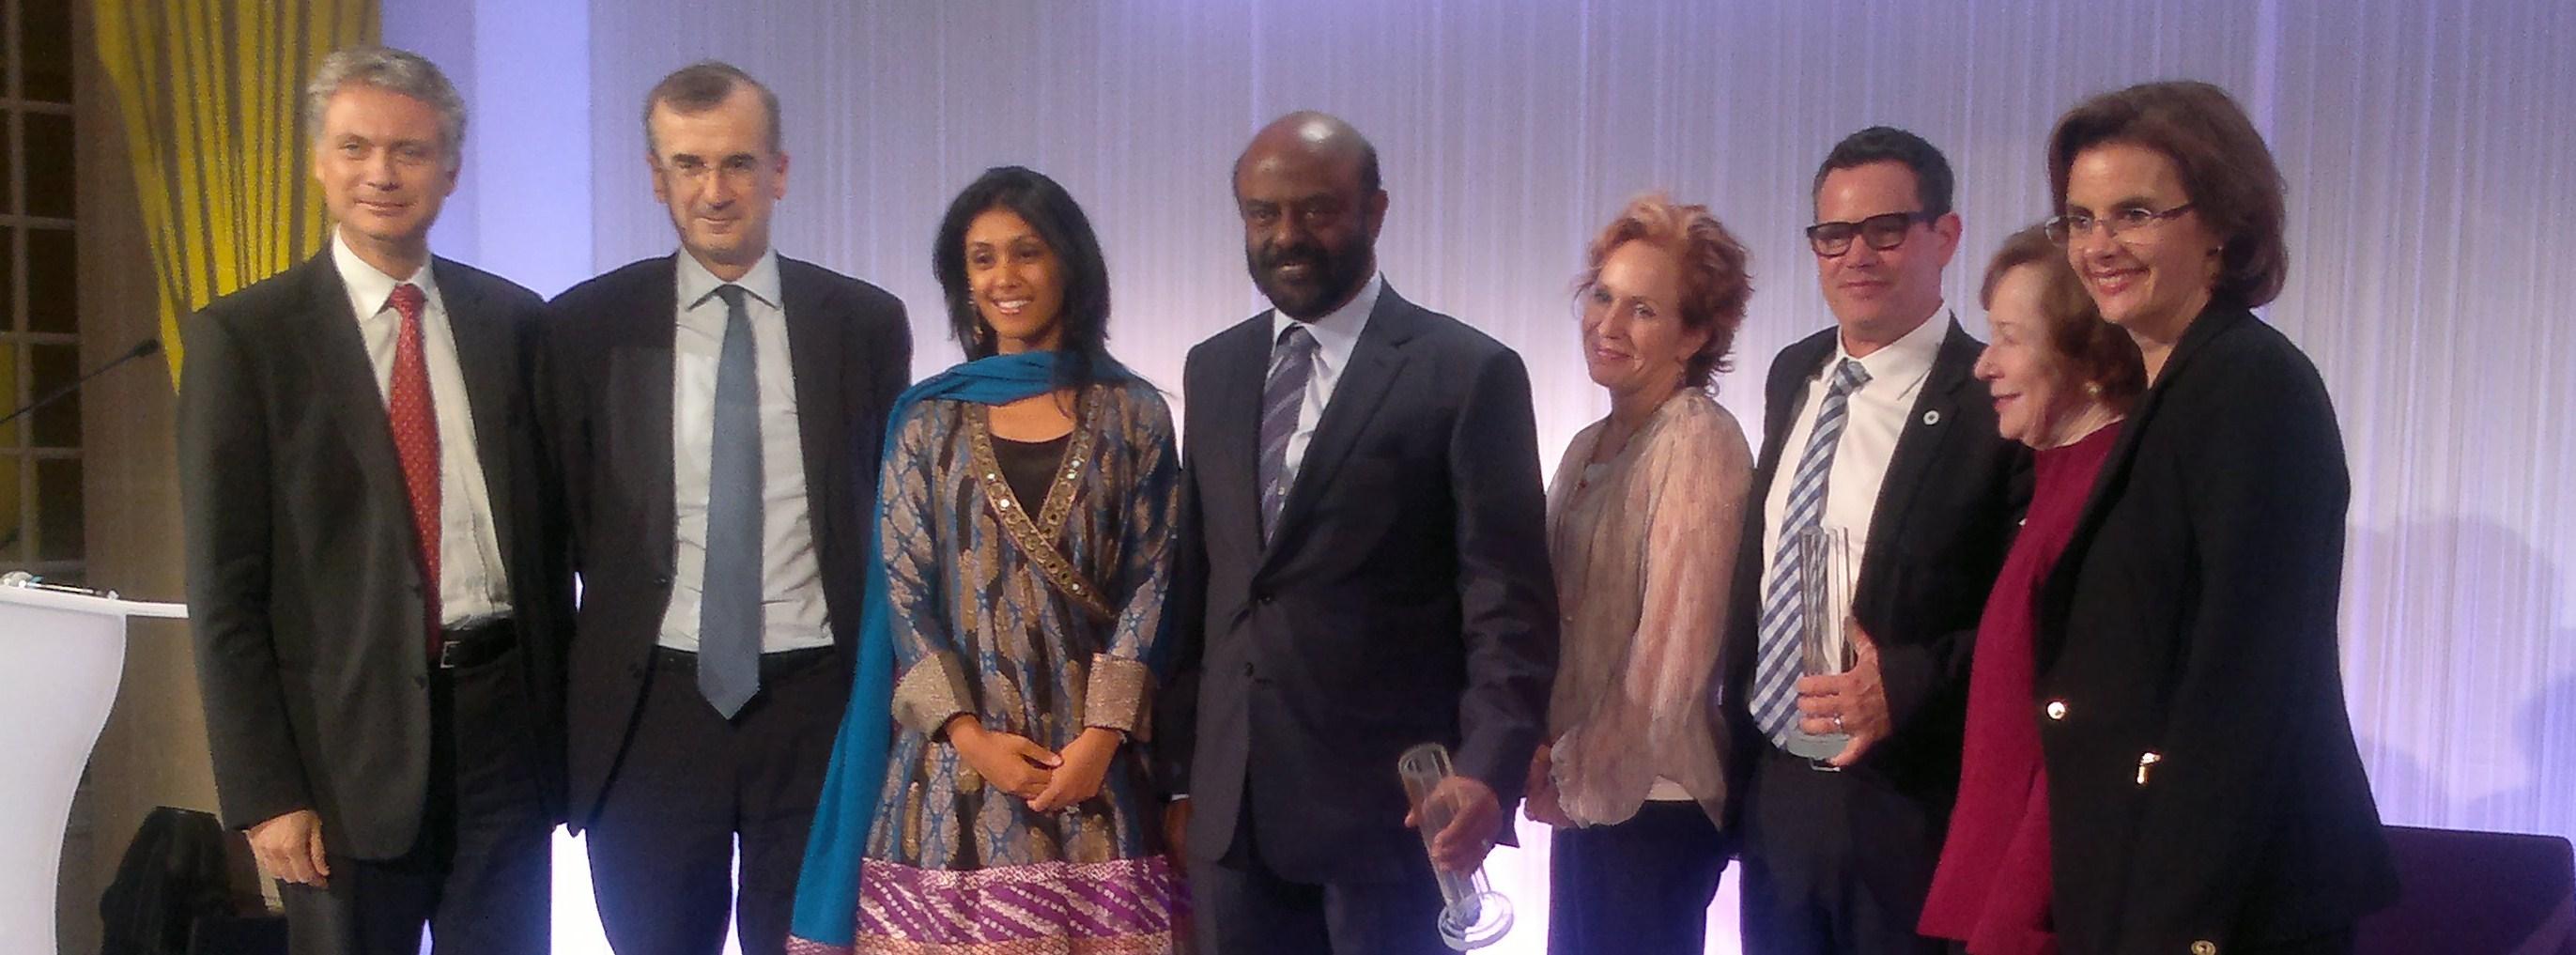 Vincent Lecomte et François Villeroy de Galhau, Shiv Nadar et sa fille, Chuck Slaughter et son épouse, Suzanne Berger et Sofia Merlo, à la remise du prix BNP 2013 de la philanthropie individuelle. (photo © GPouzin)